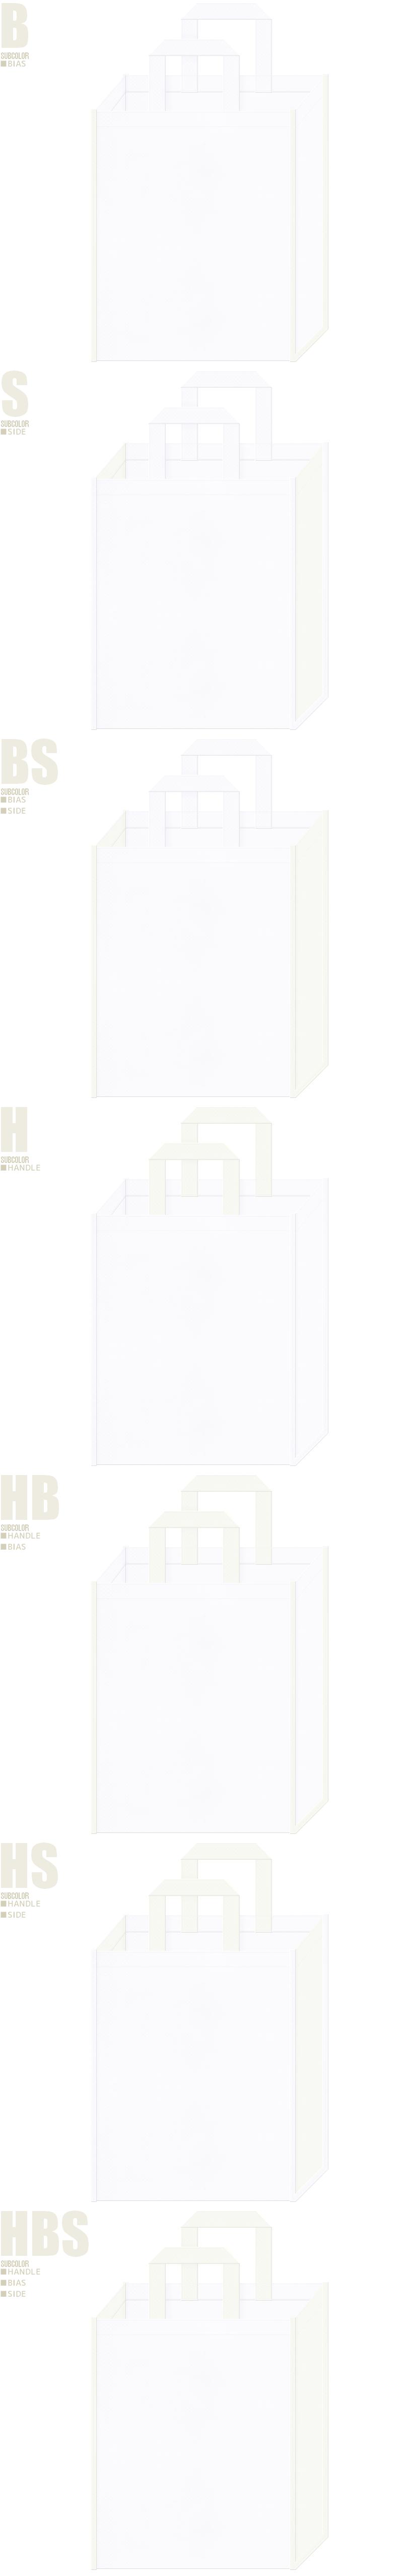 ウェディングドレス・鶴・白寿のお祝いにお奨めの不織布バッグデザイン:白色とオフホワイト色のコーデ7パターン